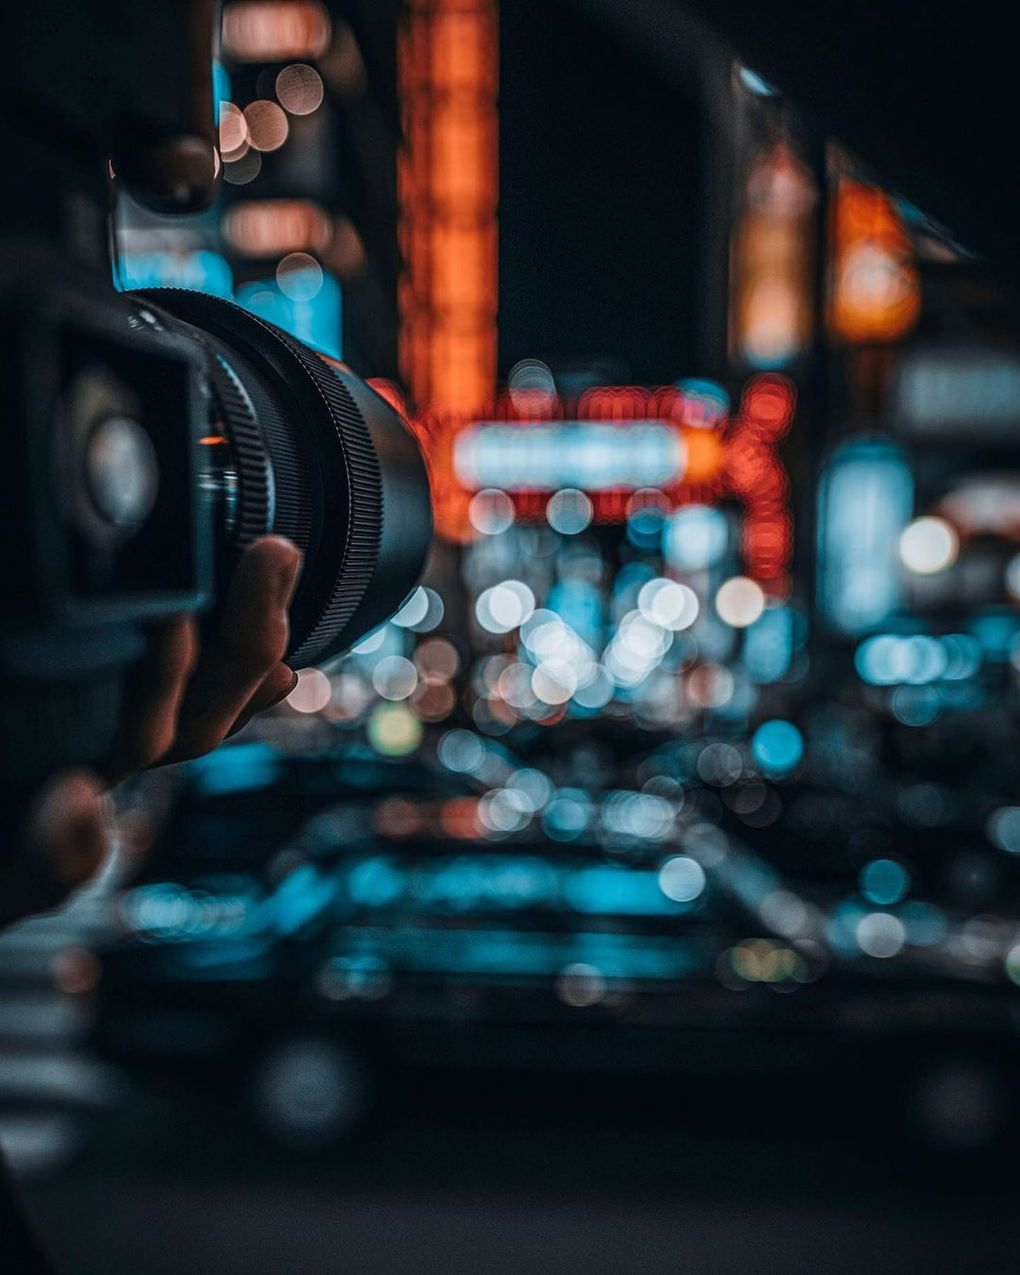 jungraphy 61846316 123019872248986 7363352877965238708 n - 25 работ фотографа из Токио, которые погрузят вас в магическую атмосферу ночных японских улиц